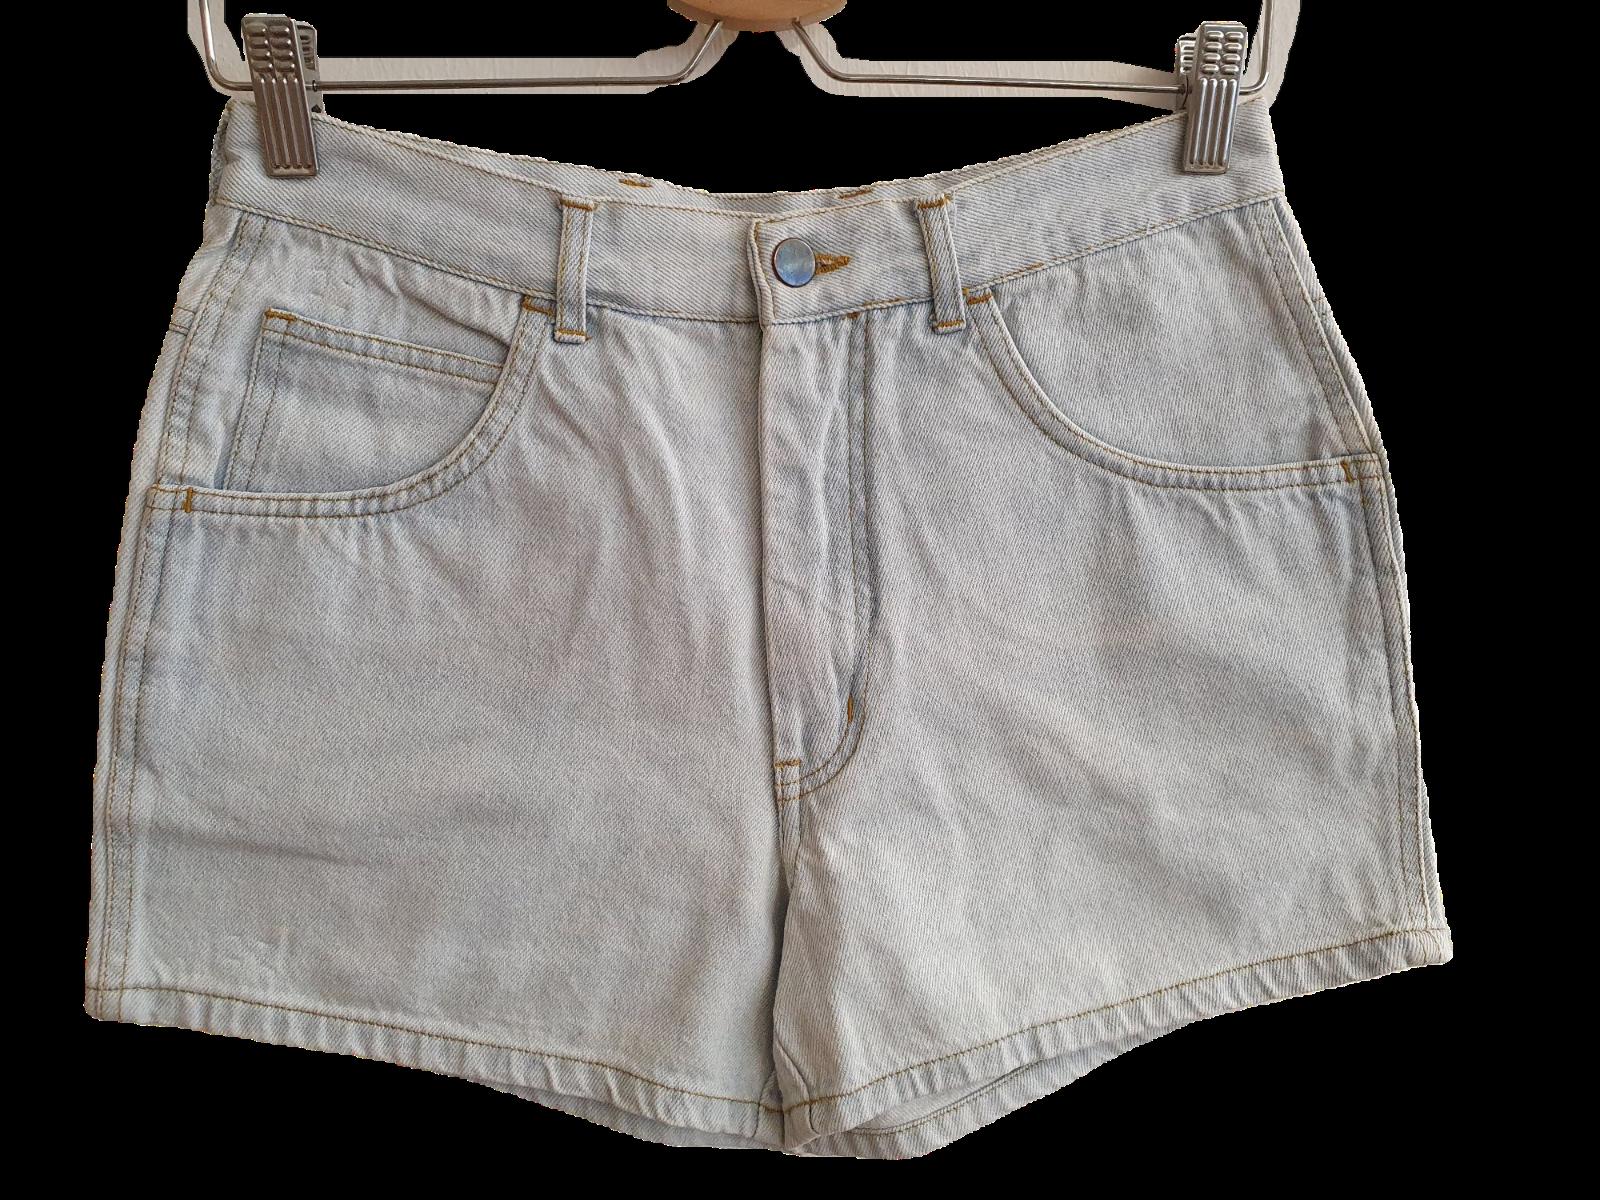 80s 90s Vintage Denim Shorts Größe EU 44 Light Stonewashed Denim (V8066)